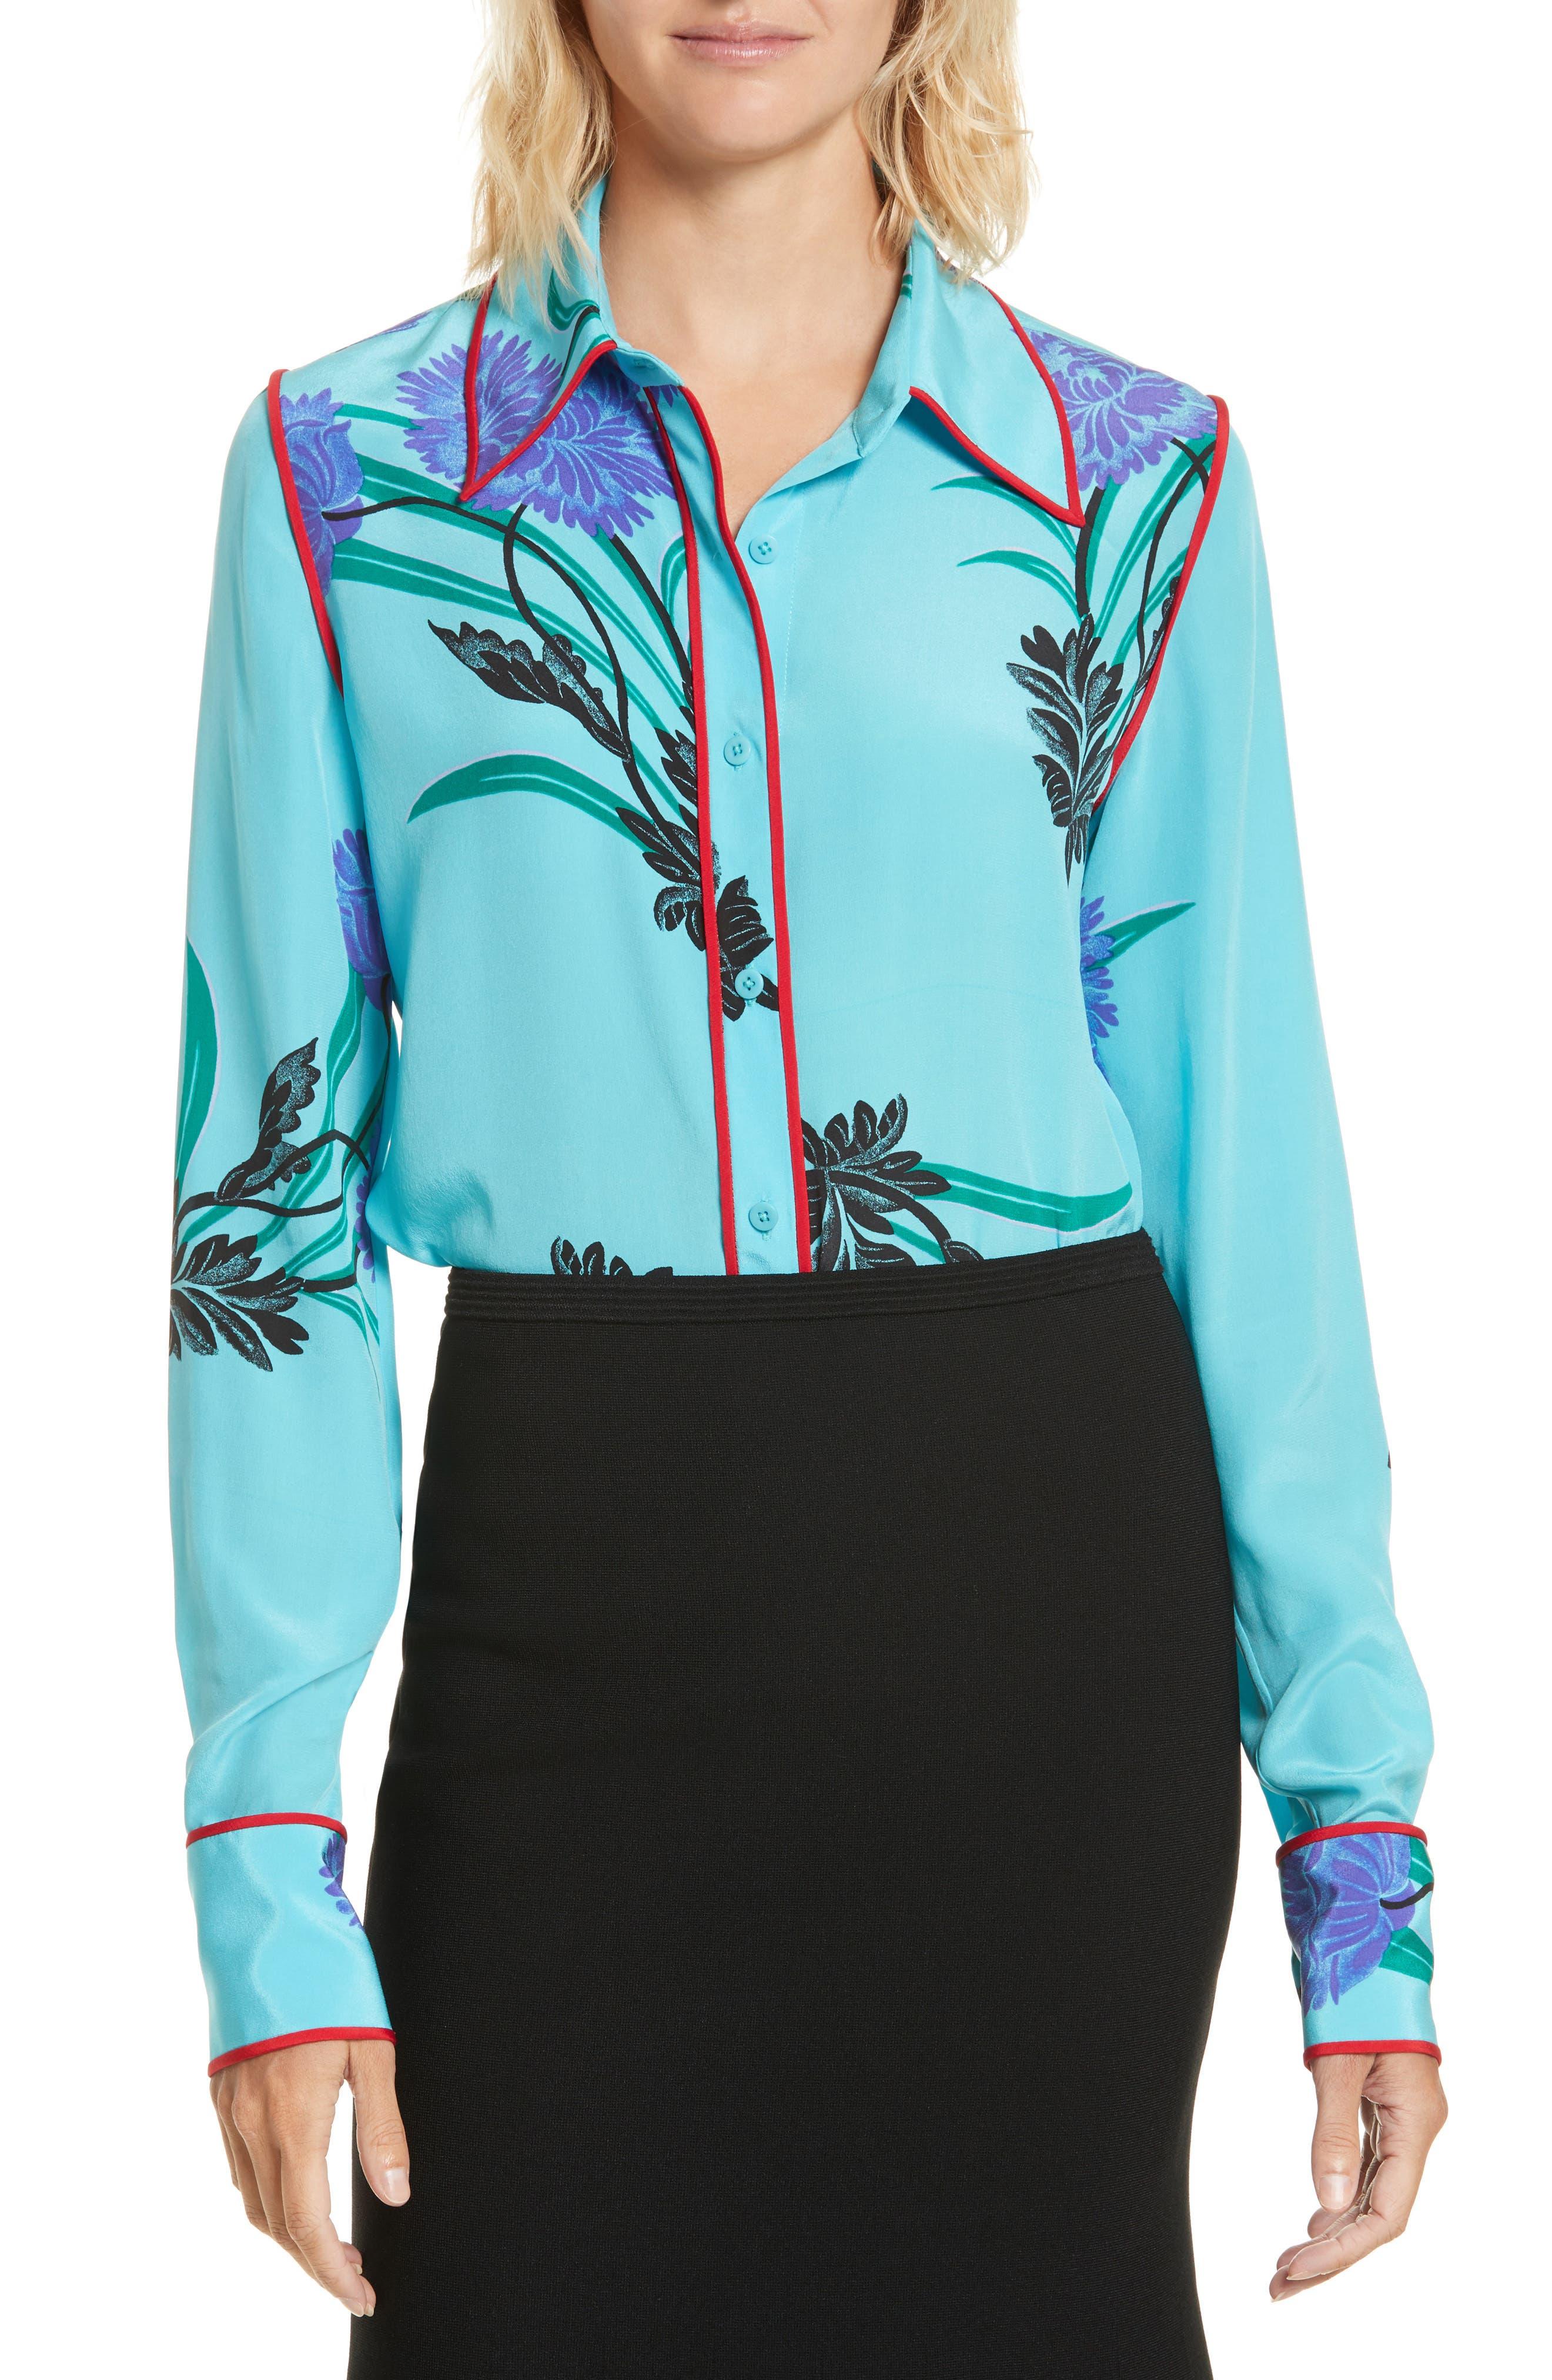 Main Image - Diane von Furstenberg Floral Print Stretch Silk Shirt